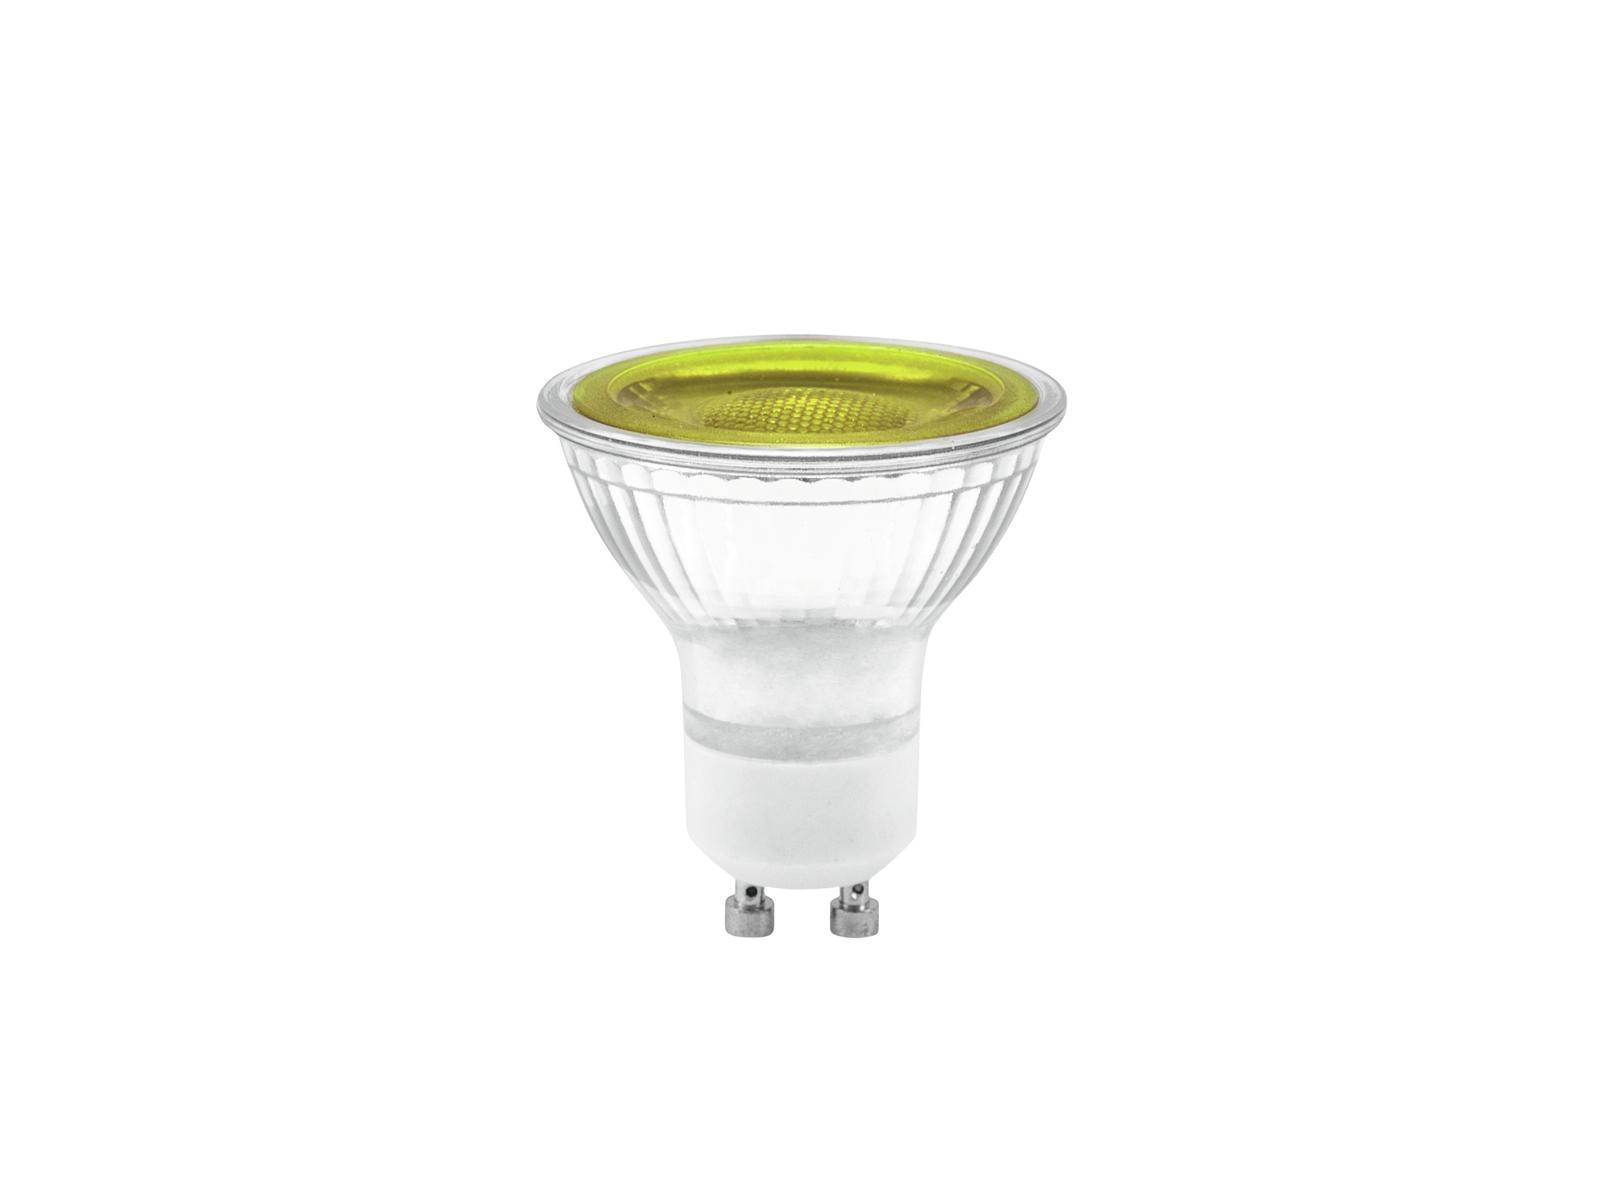 omnilux-gu-10-230v-led-smd-7w-gelb